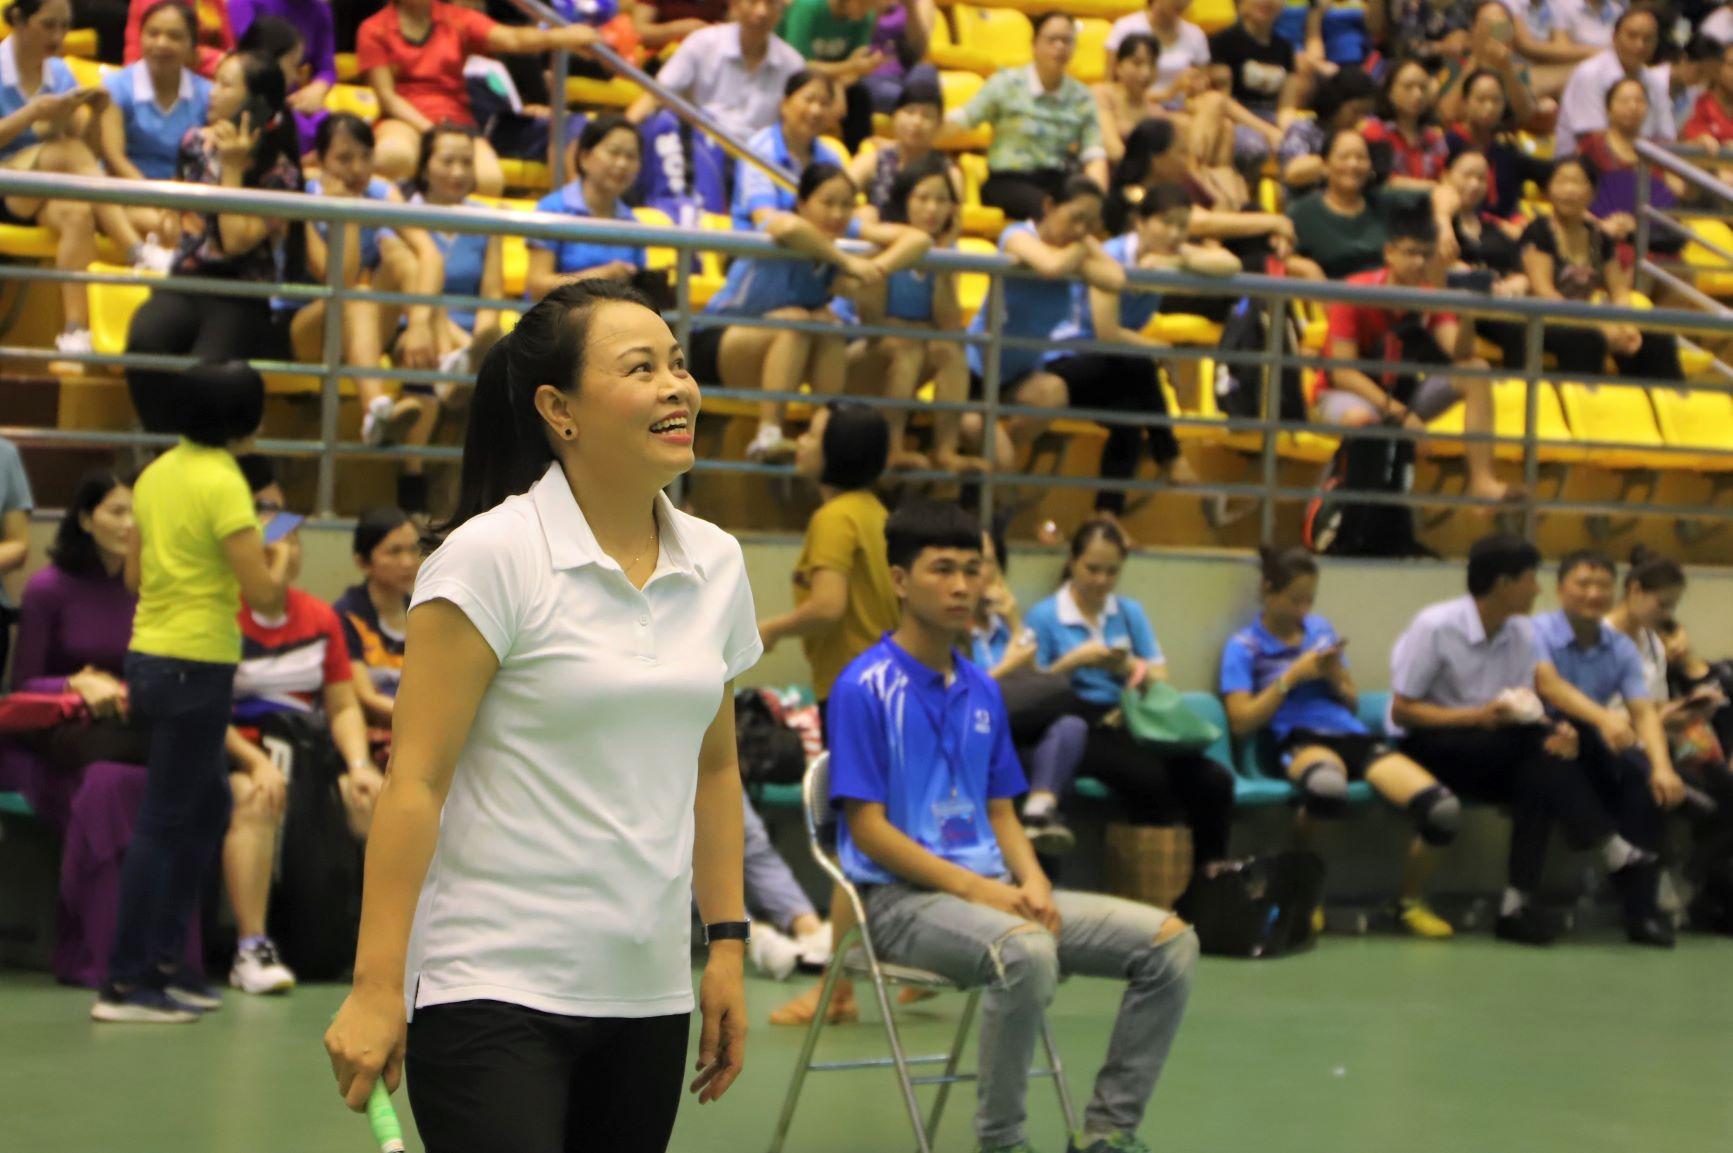 Chủ tịch Hội LHPNVN Nguyễn Thị Thu Hà mong muốn thông qua hoạt động thể dục thể thao, chị em phụ nữ sẽ được nâng cao rèn luyện thể chất, có sức khỏe hơn khi lựa chọn được môn thể thao phù hợp với bản thân.